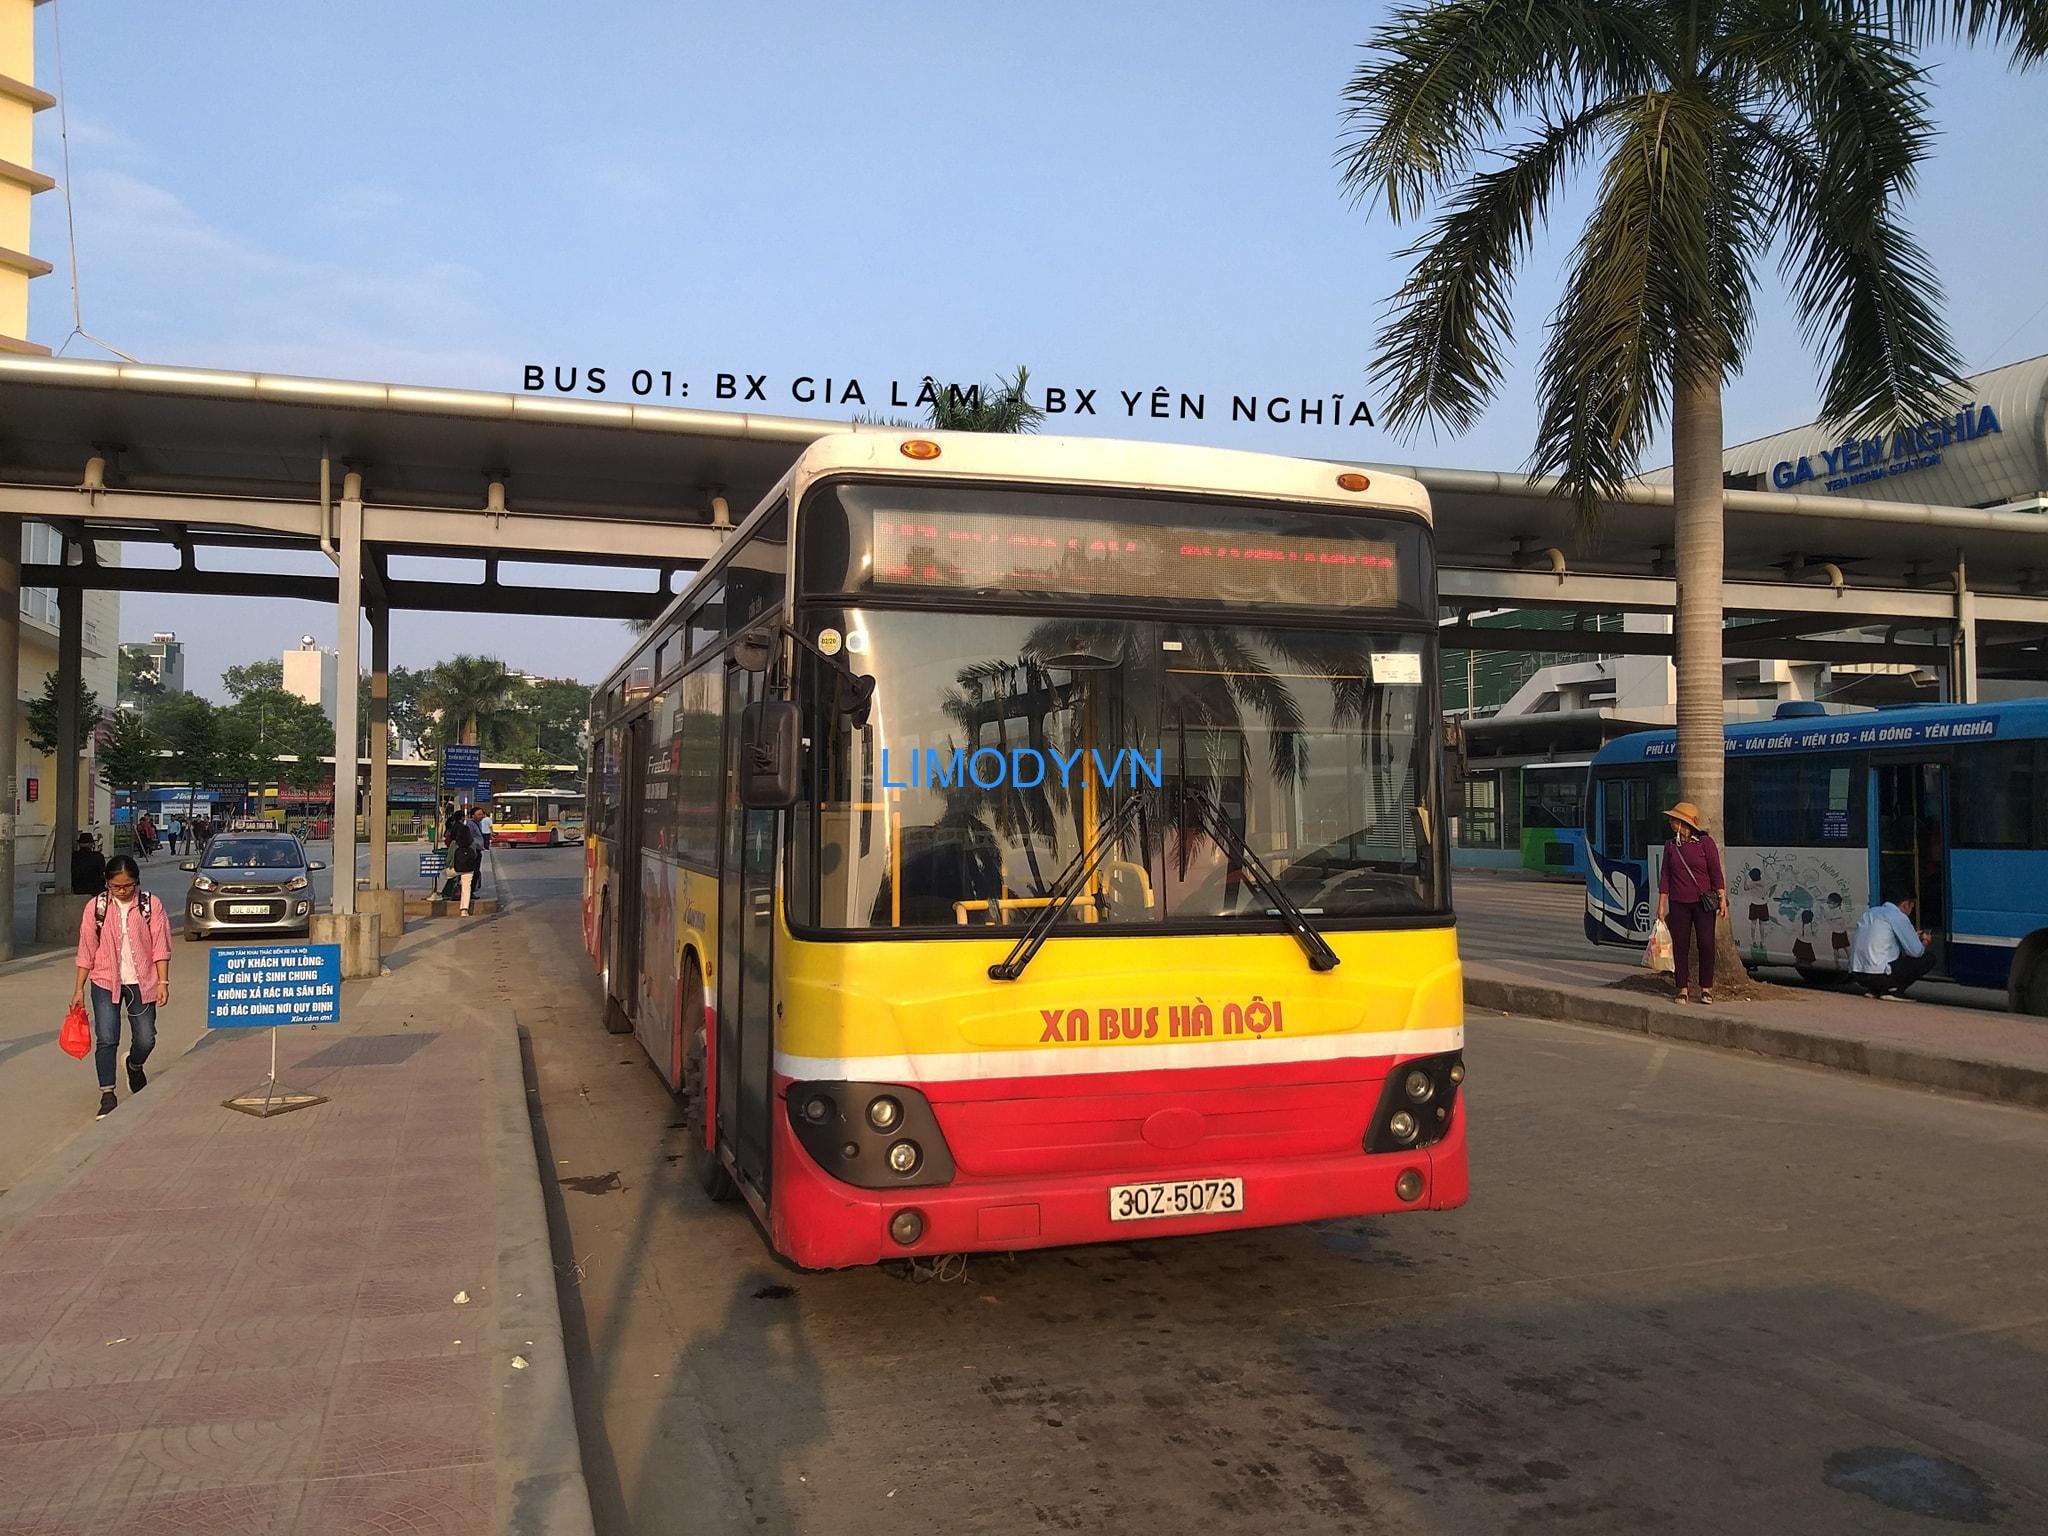 Danh sách lộ trình các tuyến xe bus đi từ bến xe Yên Nghĩa chi tiết A-Z